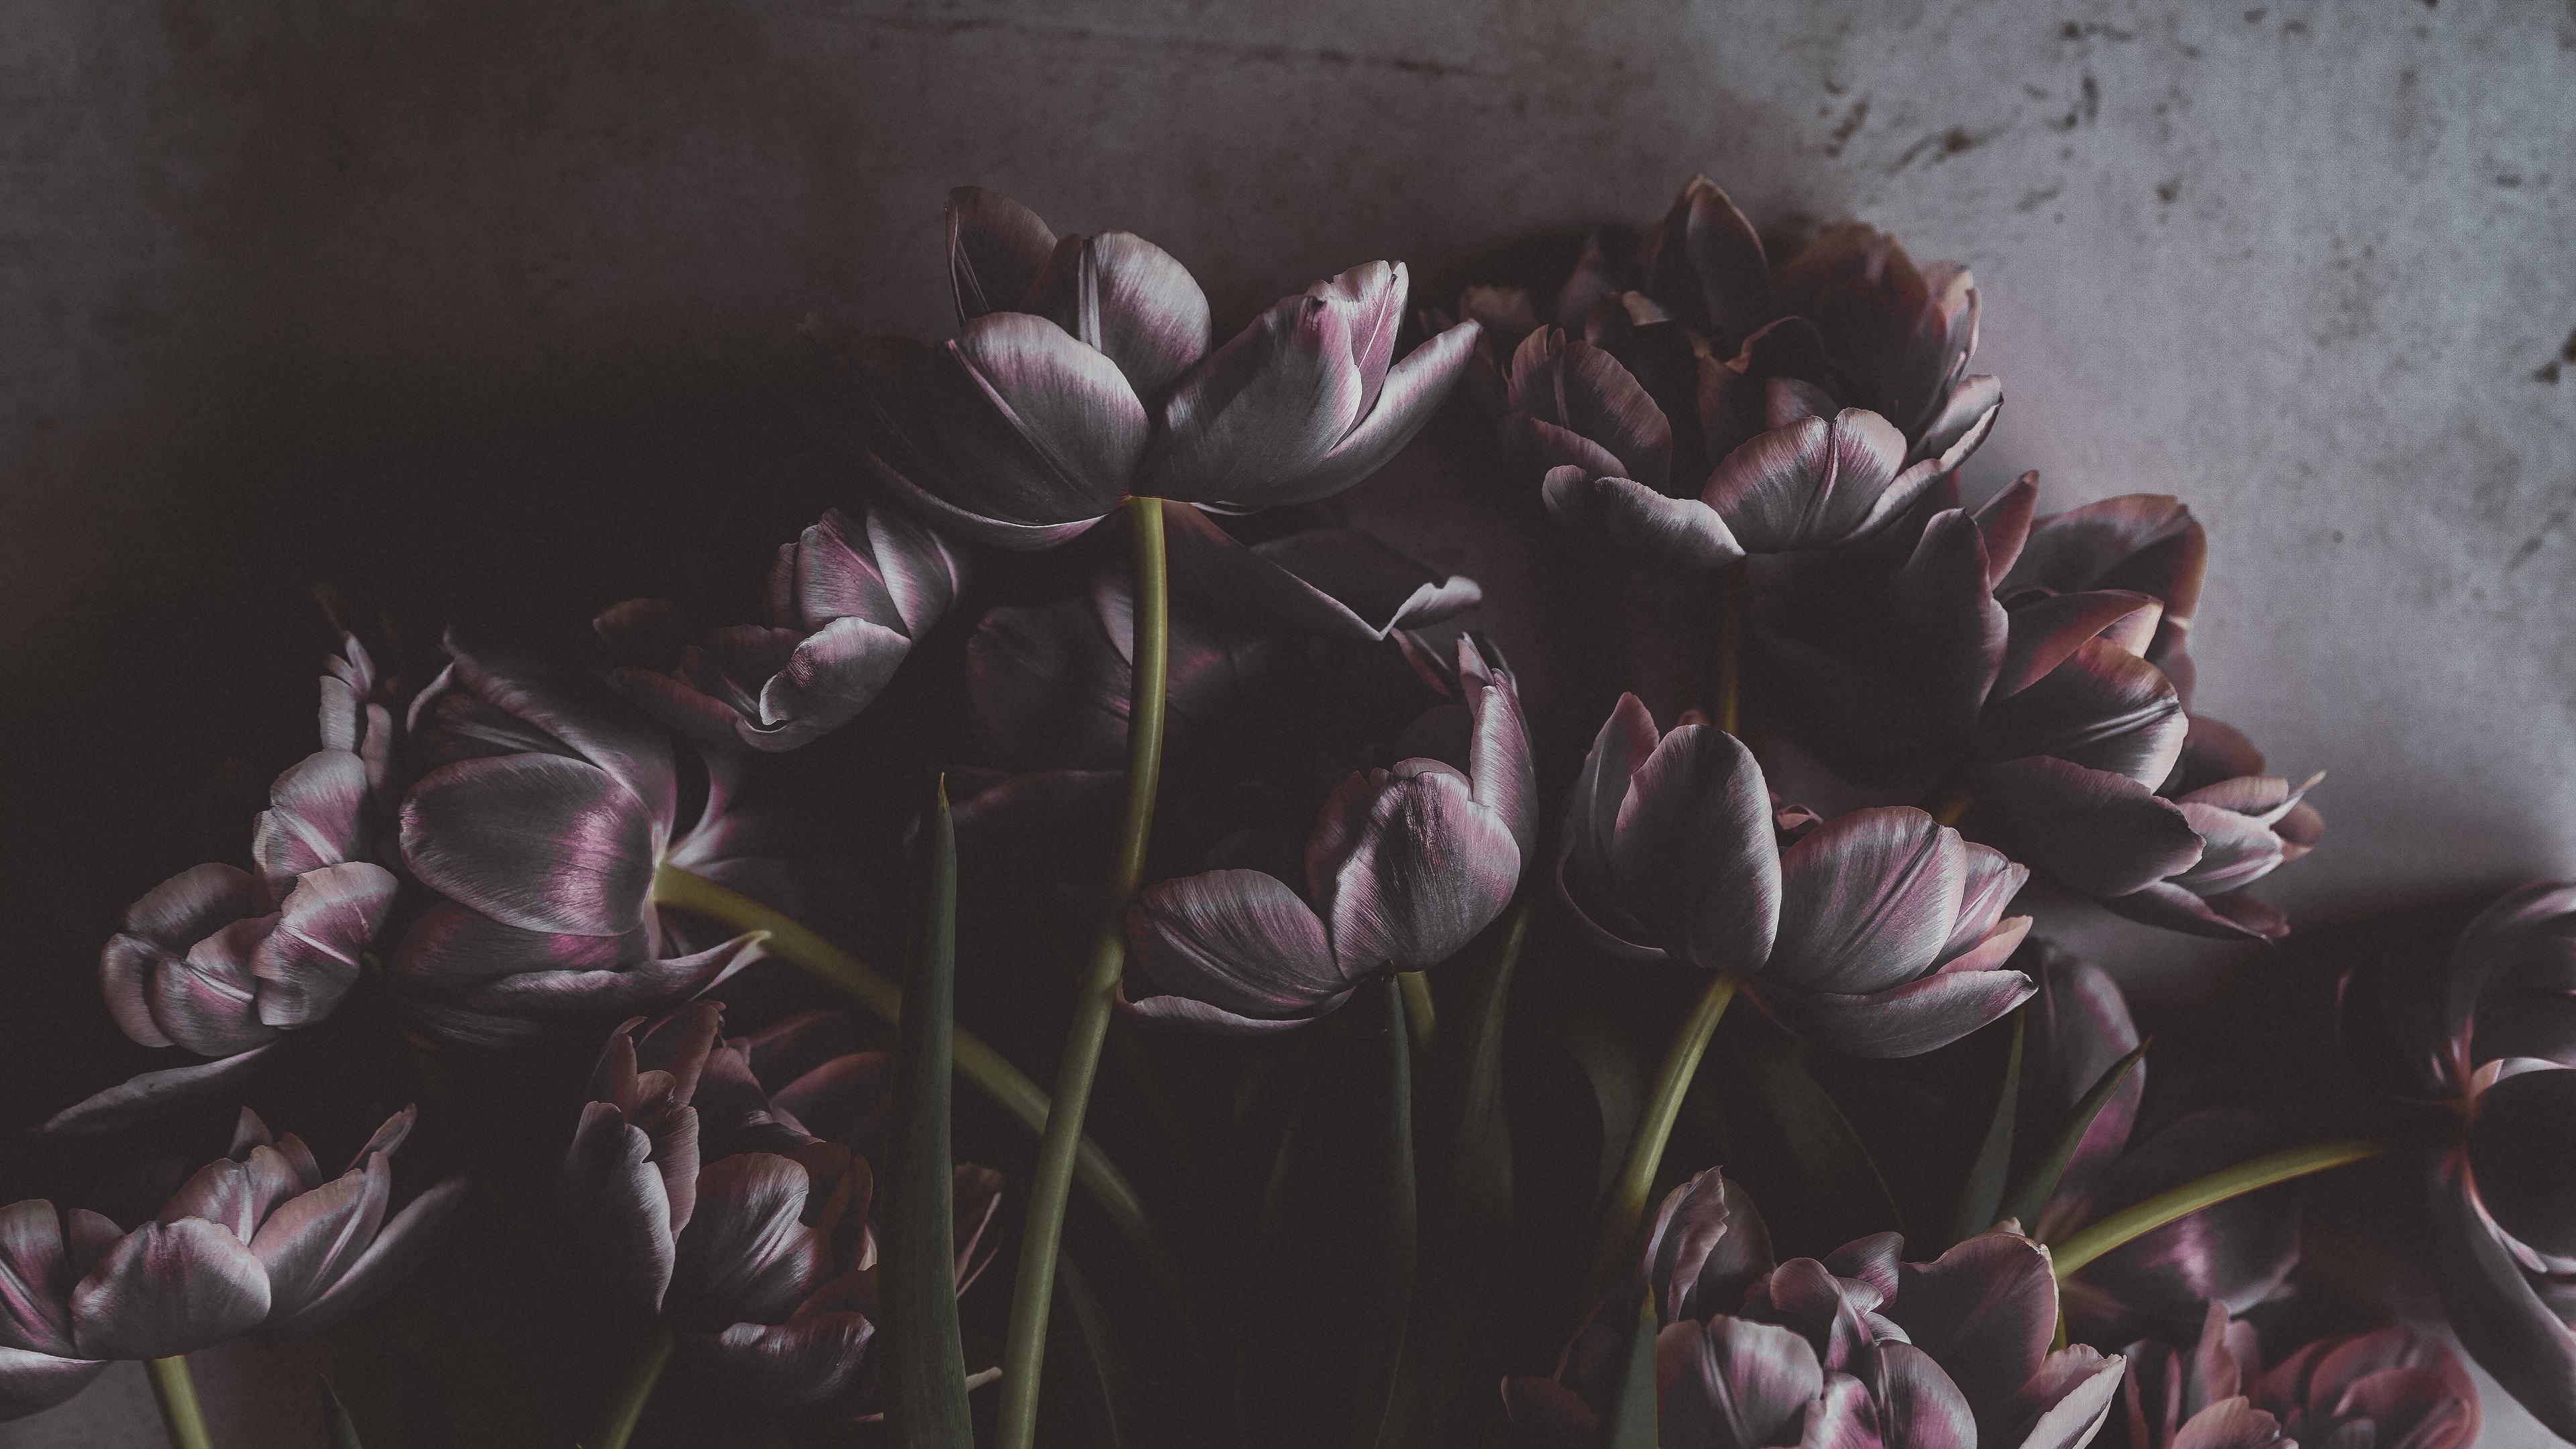 tulips flowers bouquet wall 4k 1540574957 - tulips, flowers, bouquet, wall 4k - Tulips, Flowers, Bouquet